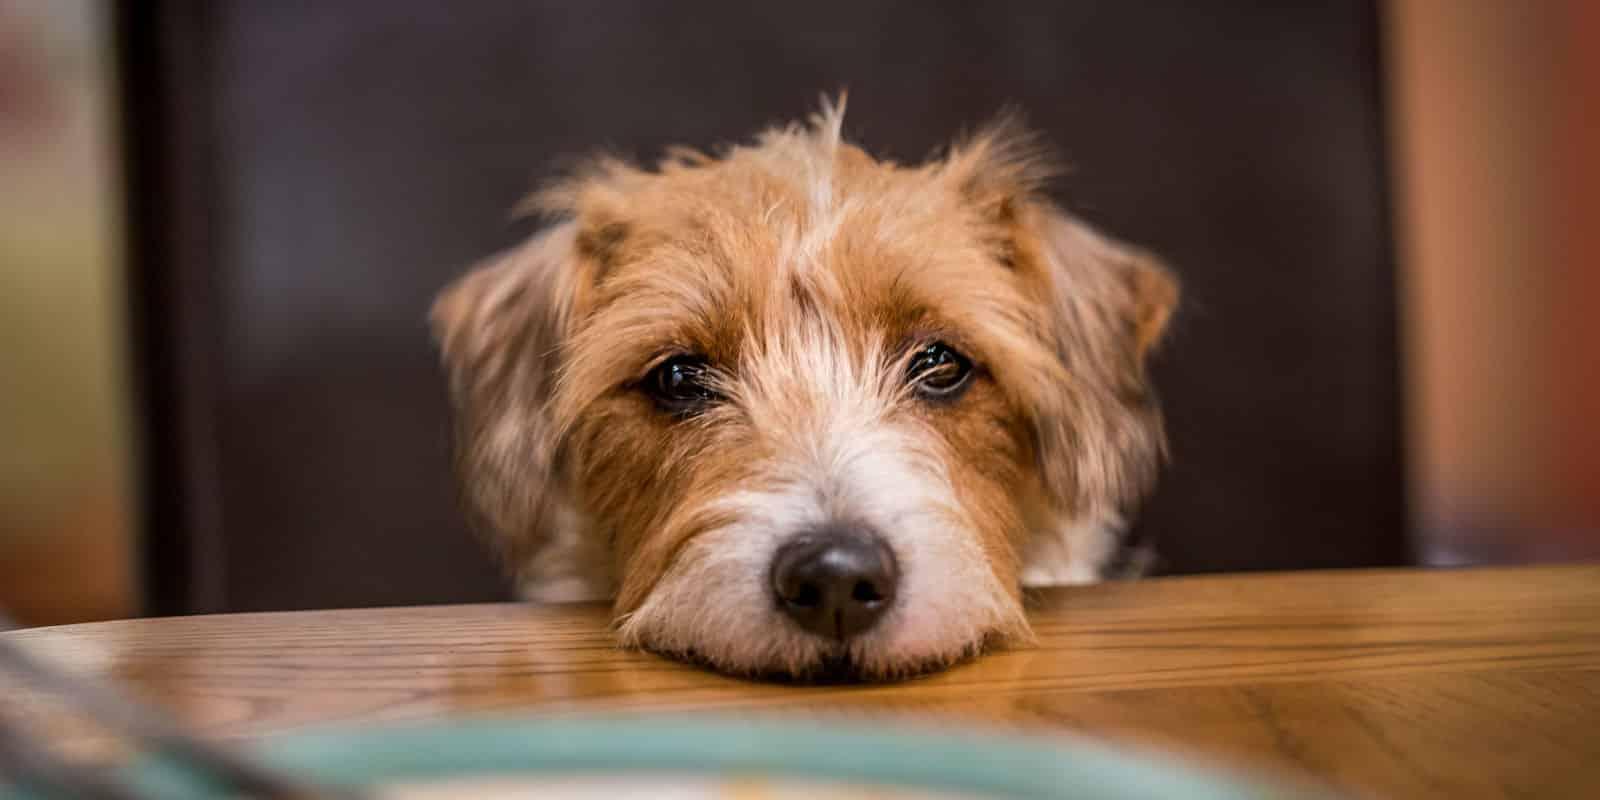 Cachorro pode comer gelatina? Dicas e informações sobre o consumo